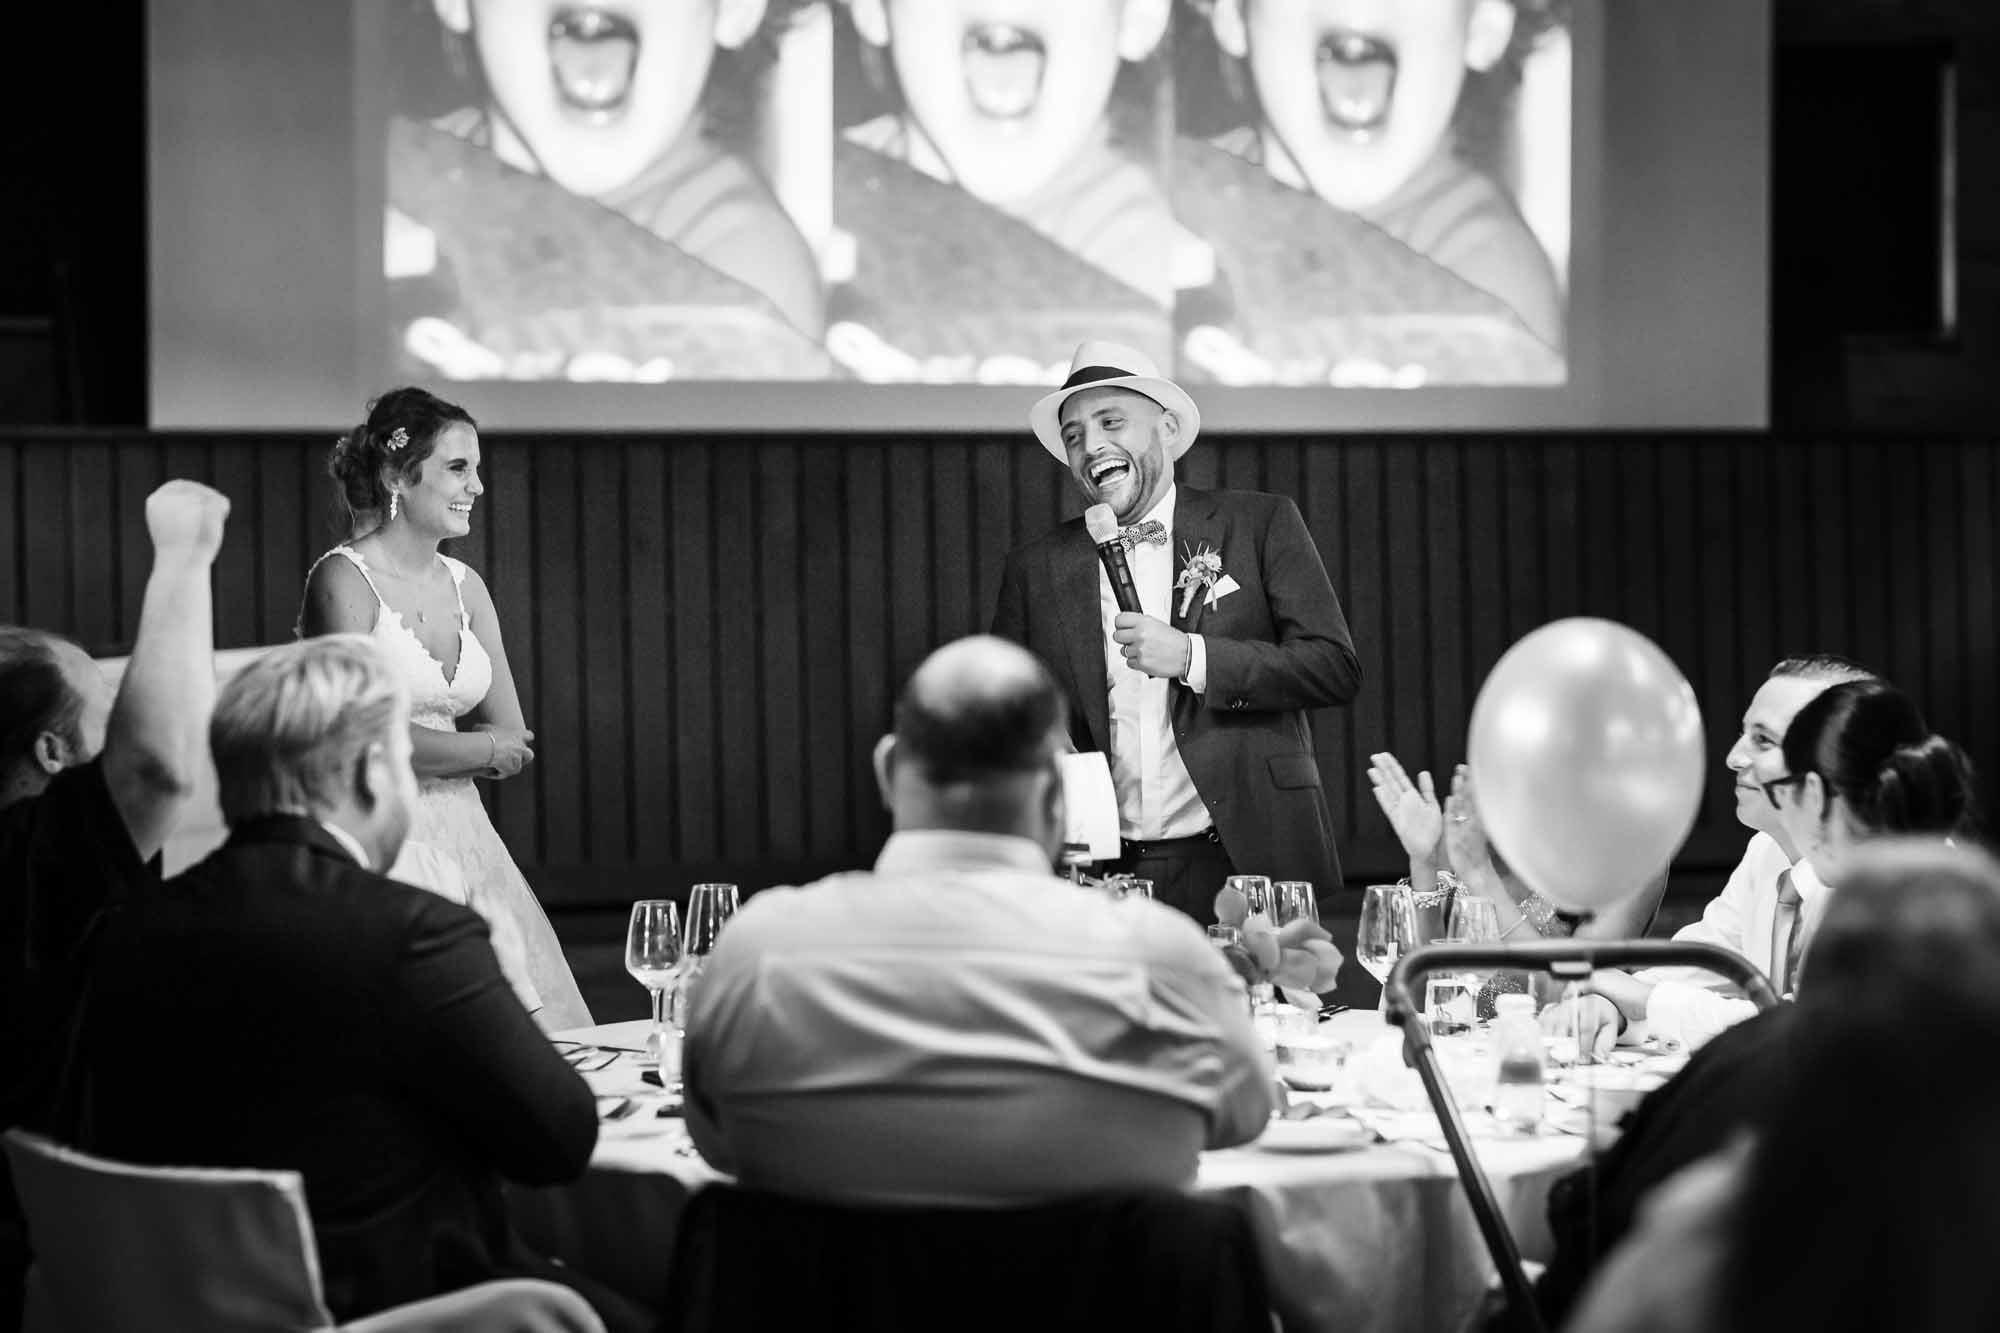 Brautpaar stellt Gäste am Tisch vor und alle lachen